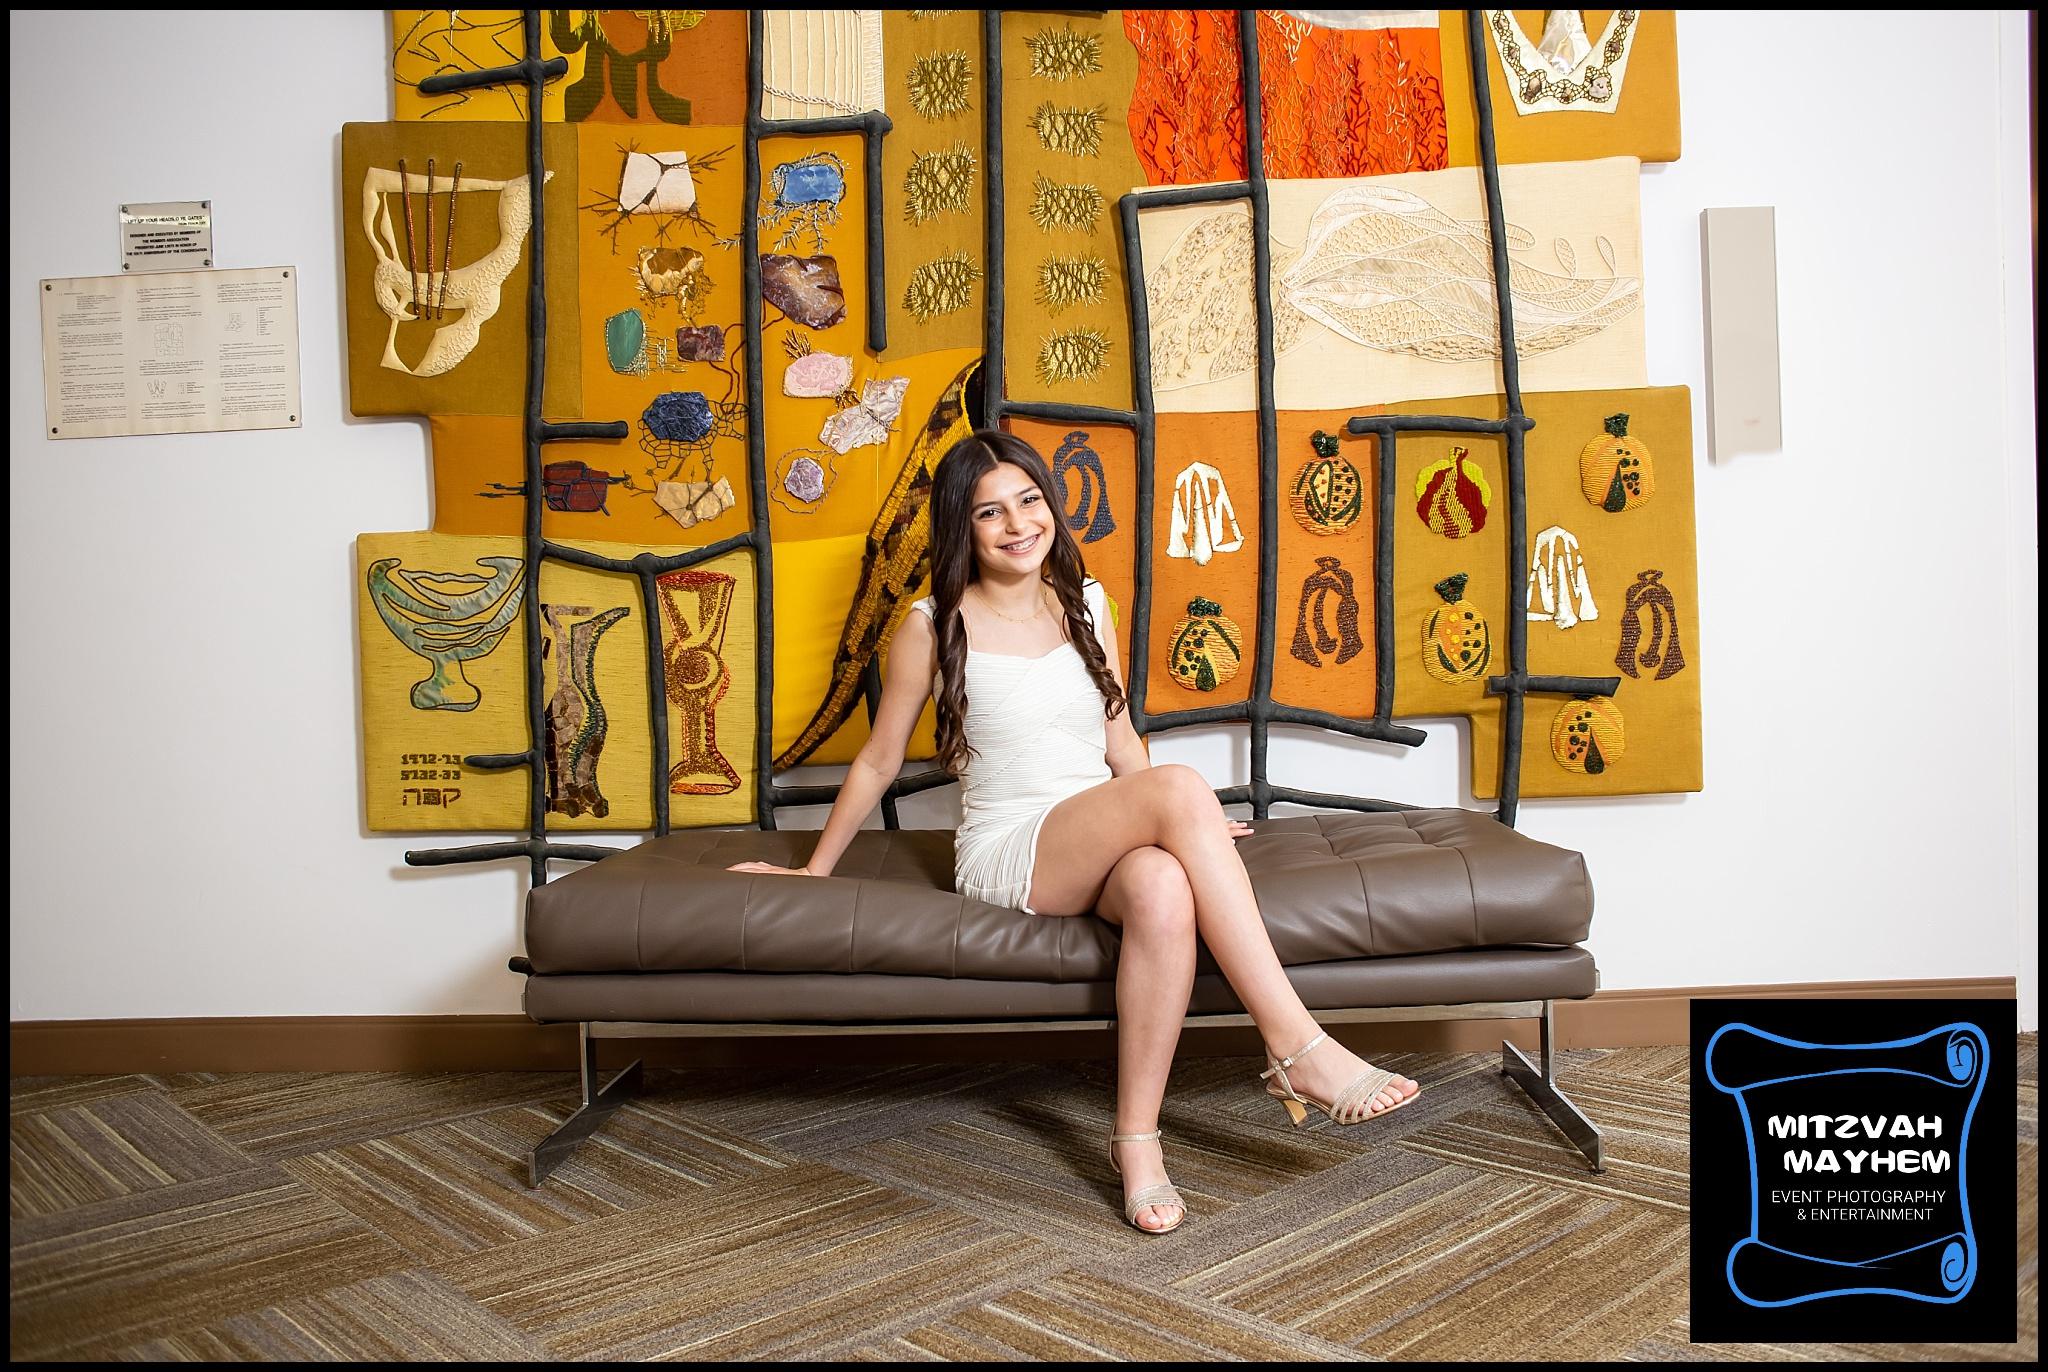 4sixty6-nj-bat-mitzvah-photographer (6).jpg